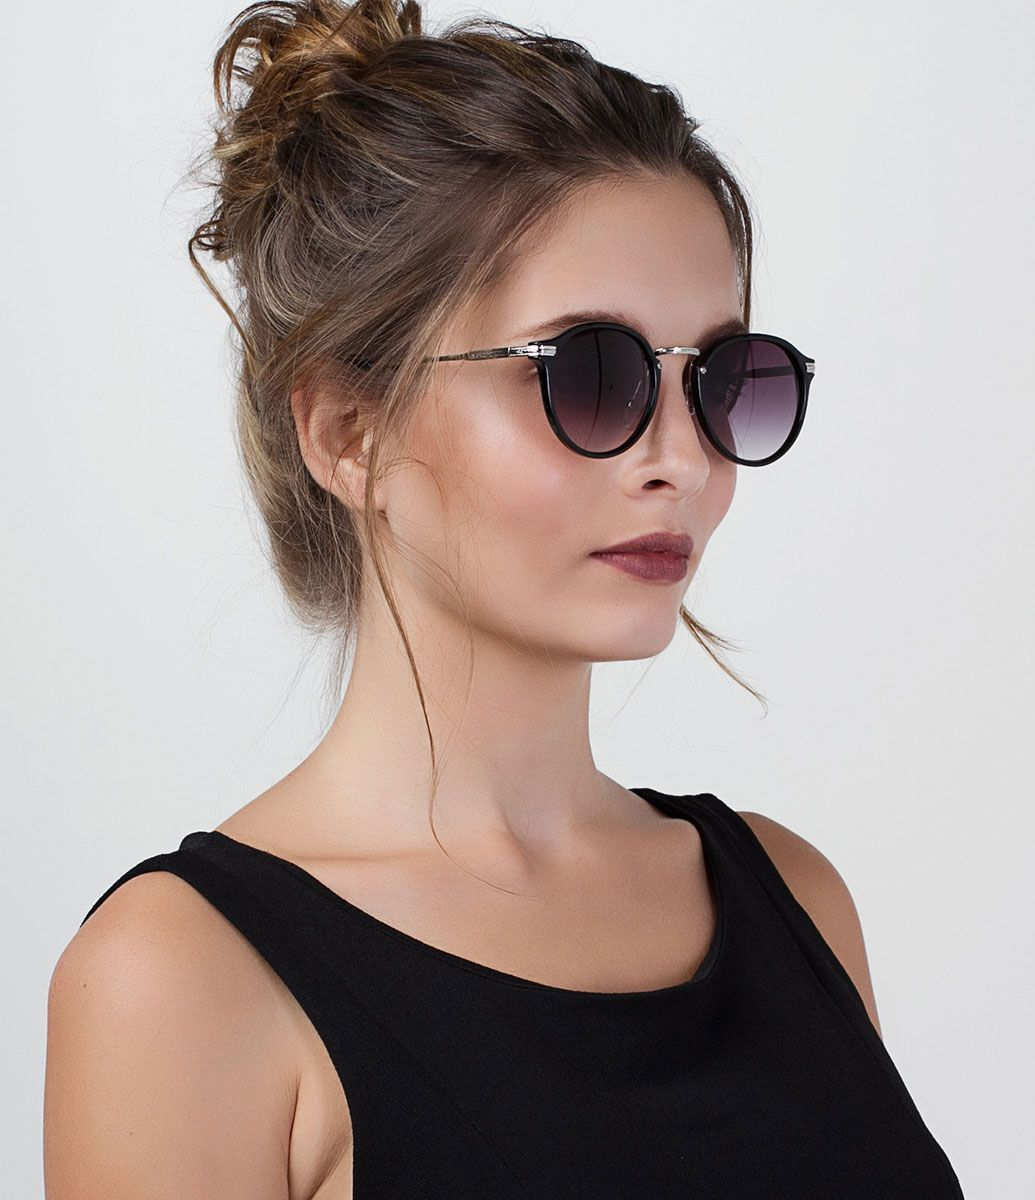 602962530 Óculos de sol Feminino Modelo redondo Hastes em metal Lentes em acrílico  Proteção contra raios UVA / UVB Acompanha um estojo e flanela de limpeza  Garantia ...